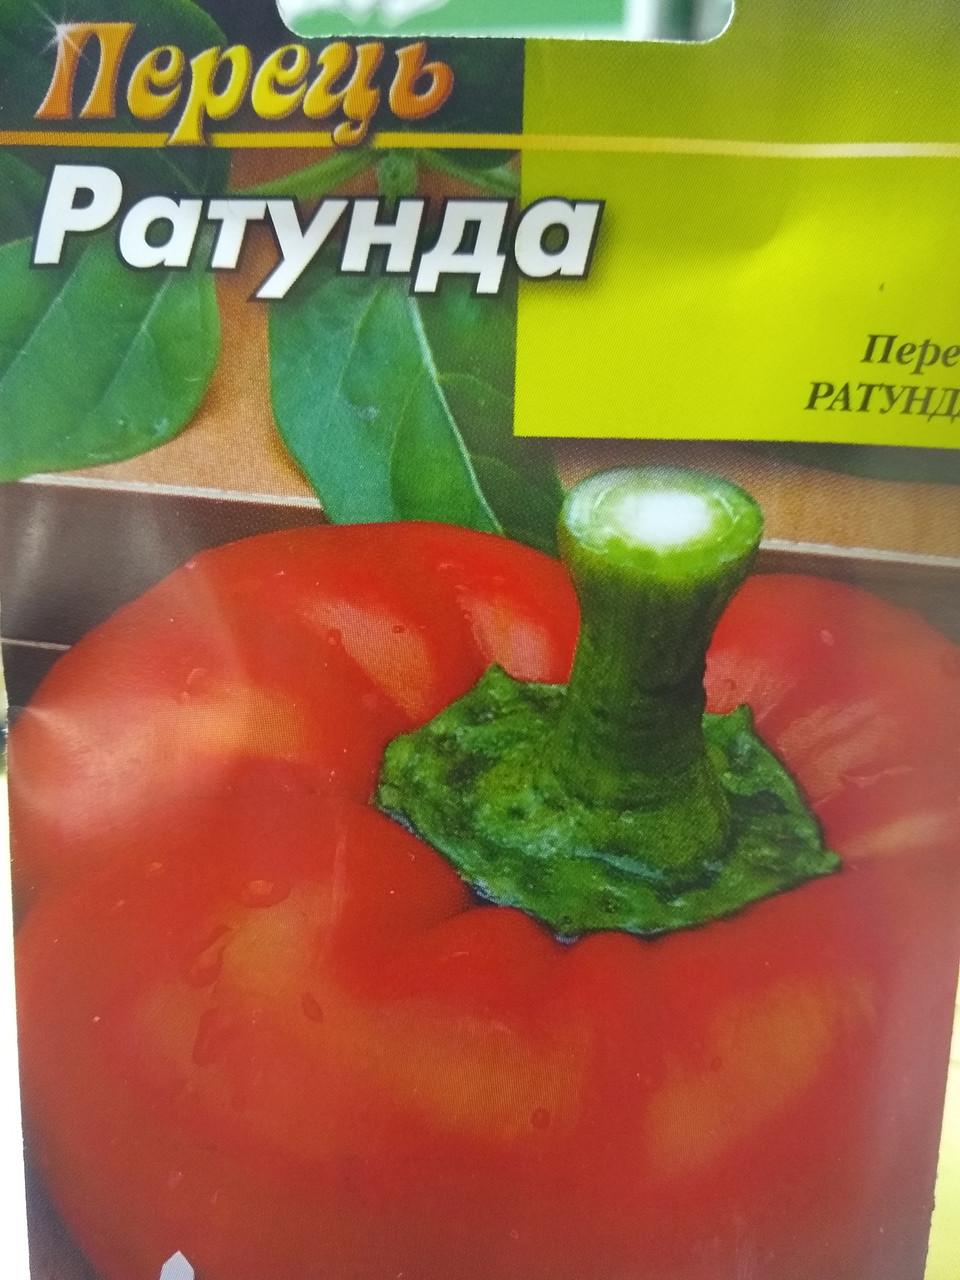 Семена перца раннего сорт Ратунда низкорослый толстостенный красный 10 грамм семян Украина